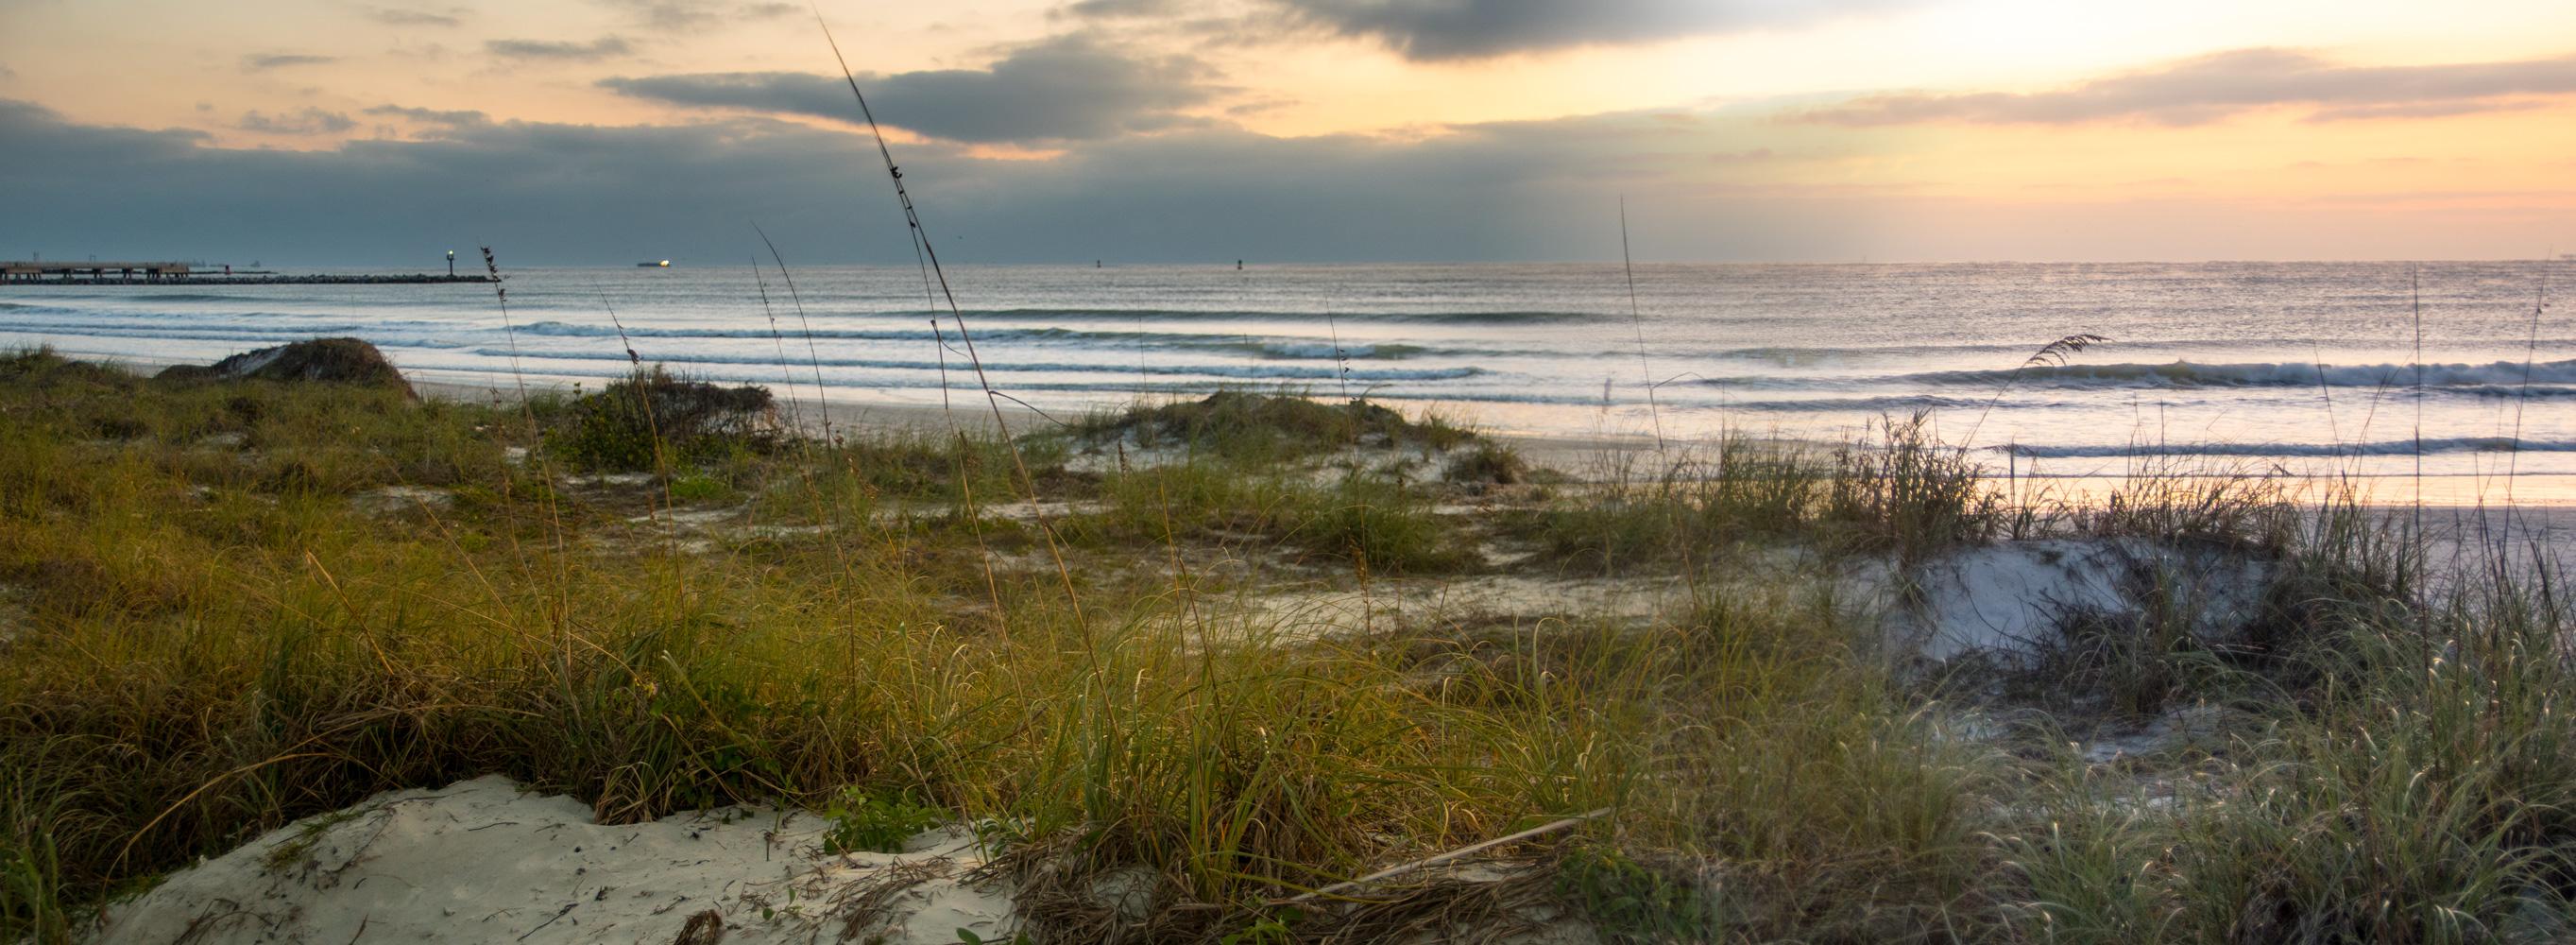 https://0901.nccdn.net/4_2/000/000/051/0ce/sunset-beach-panorama.jpg